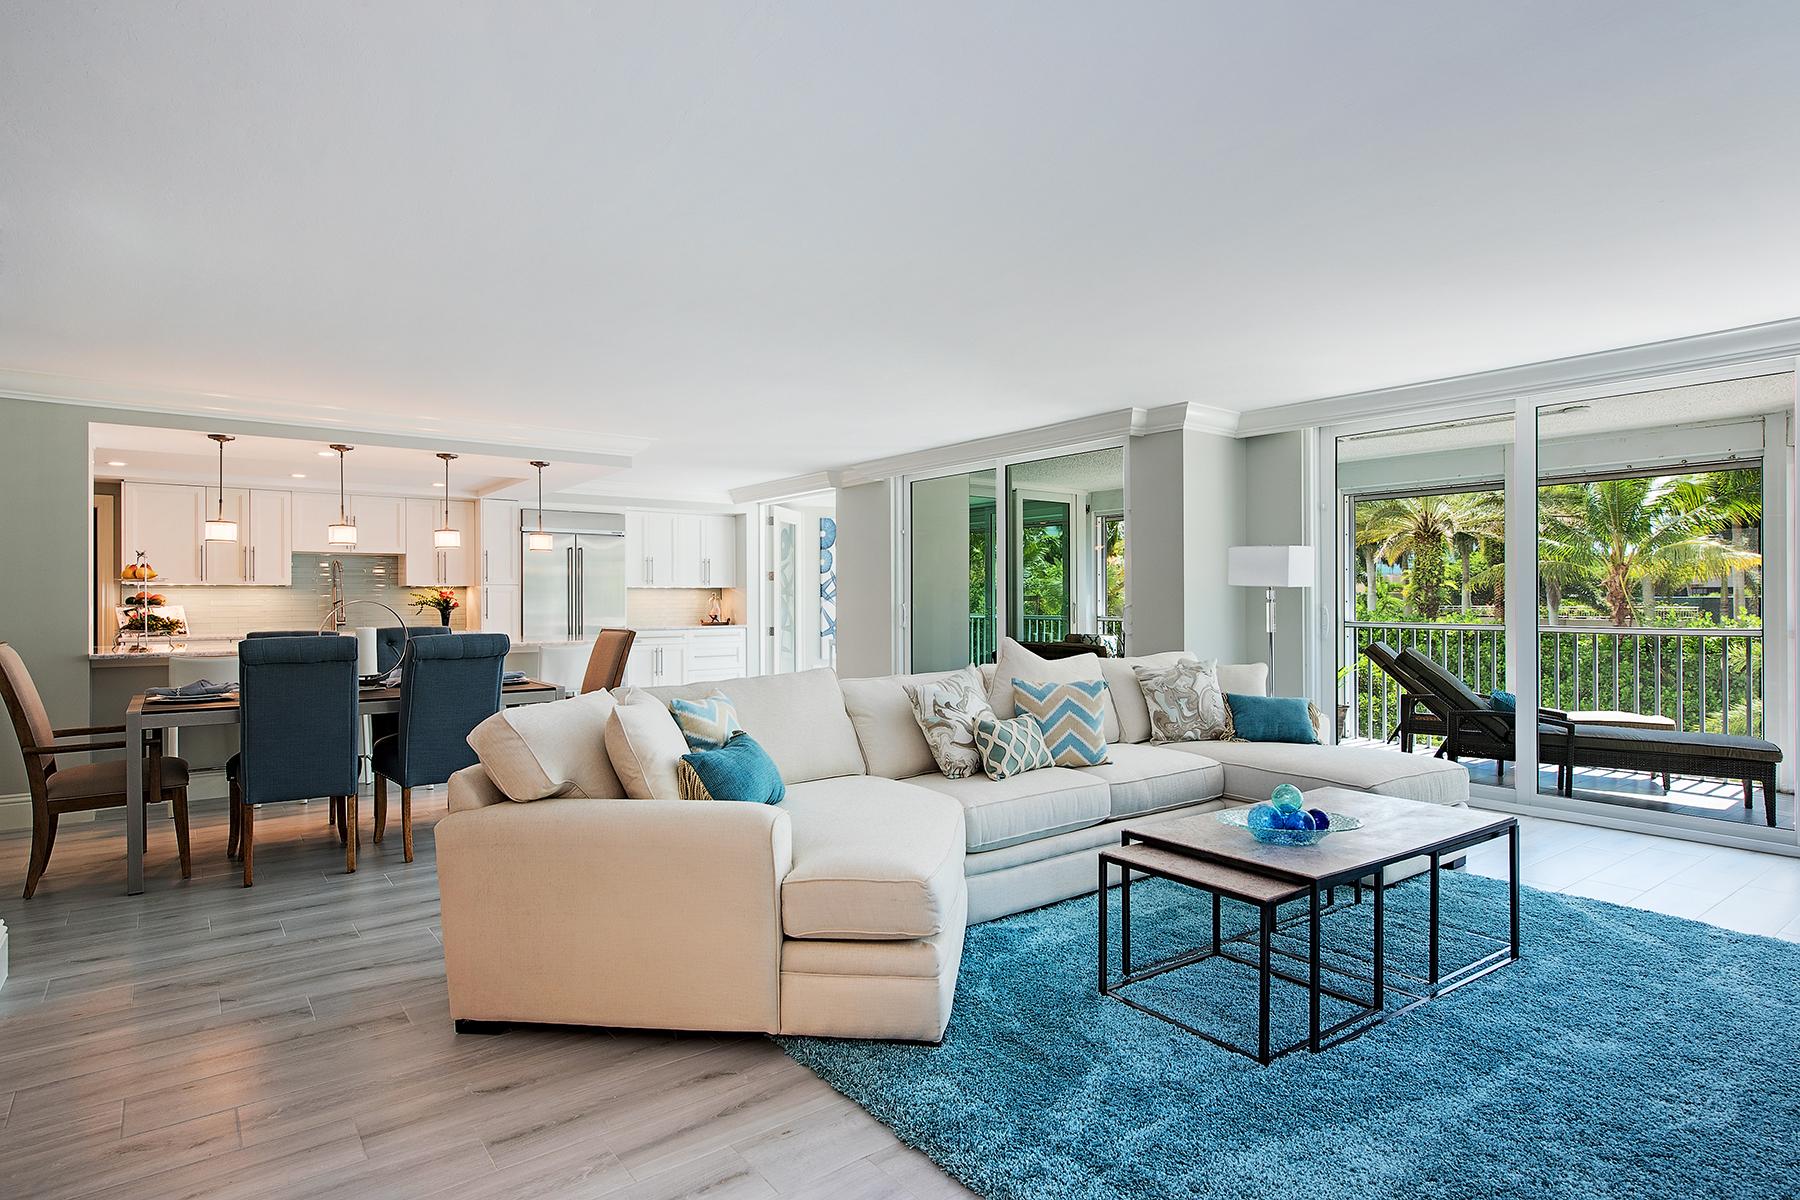 Eigentumswohnung für Verkauf beim PARK SHORE - MONACO BEACH CLUB 4401 Gulf Shore Blvd N 205 Naples, Florida, 34103 Vereinigte Staaten